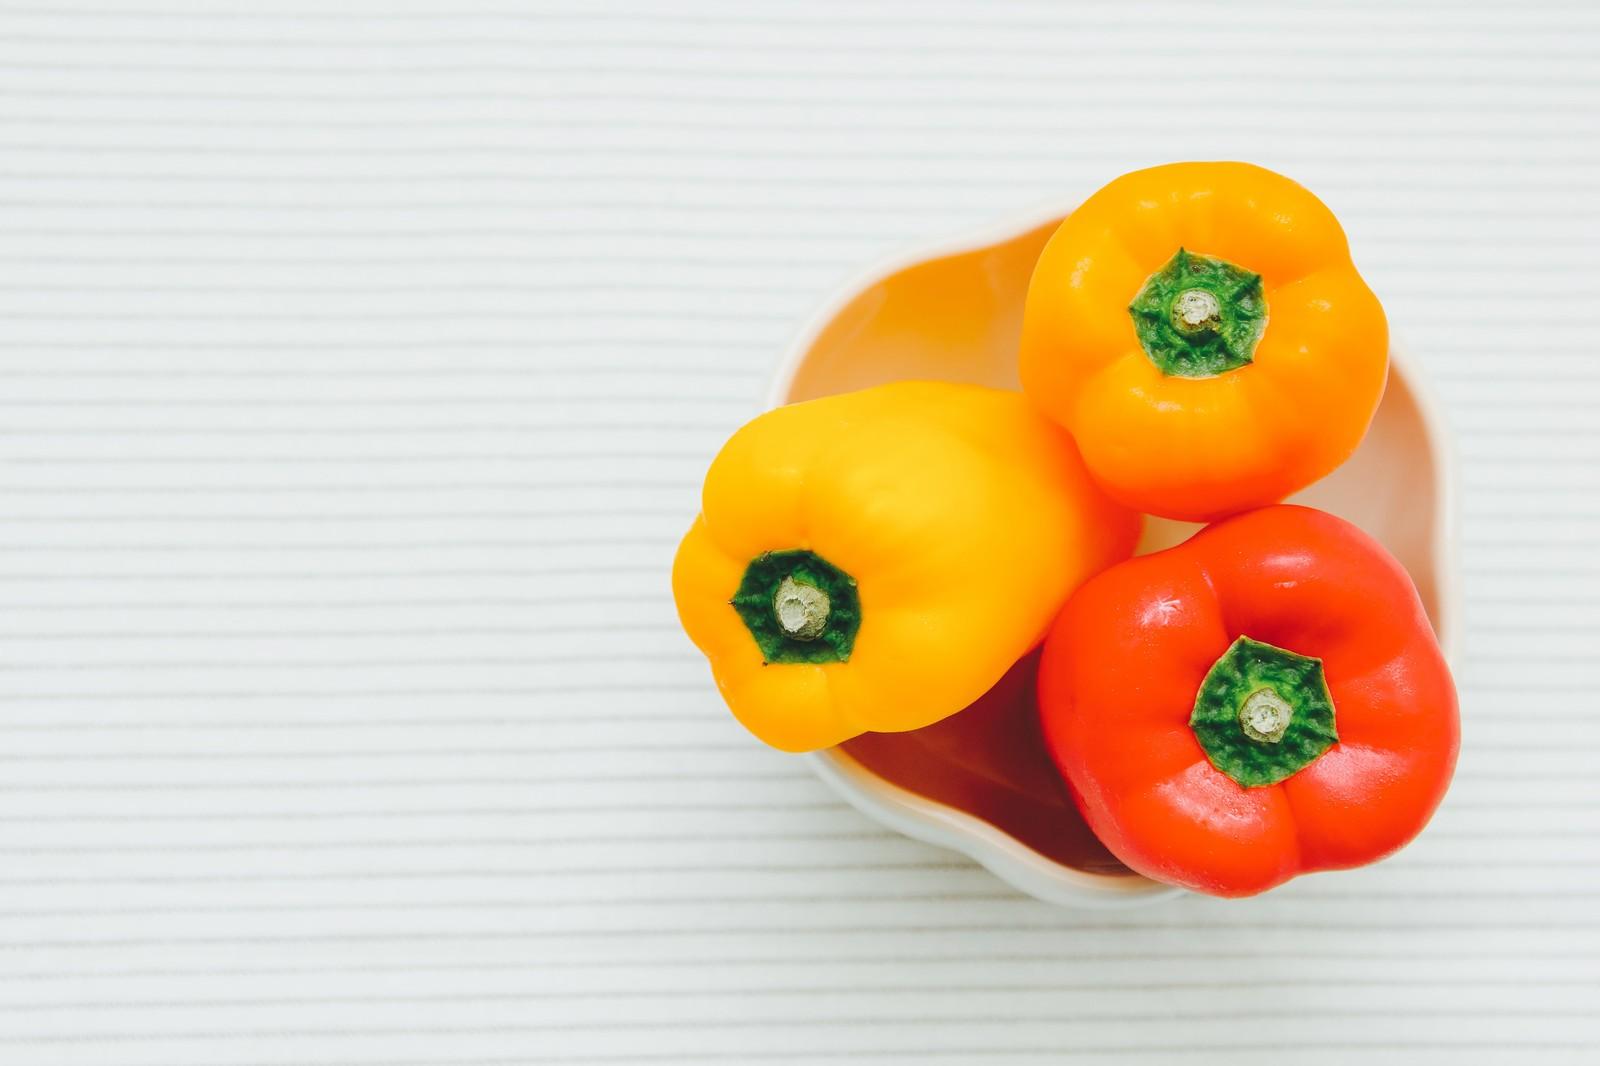 ピーマンが赤くなる(緑から変色する)原因は?赤くても食べられる?緑は未熟な証だった⁉